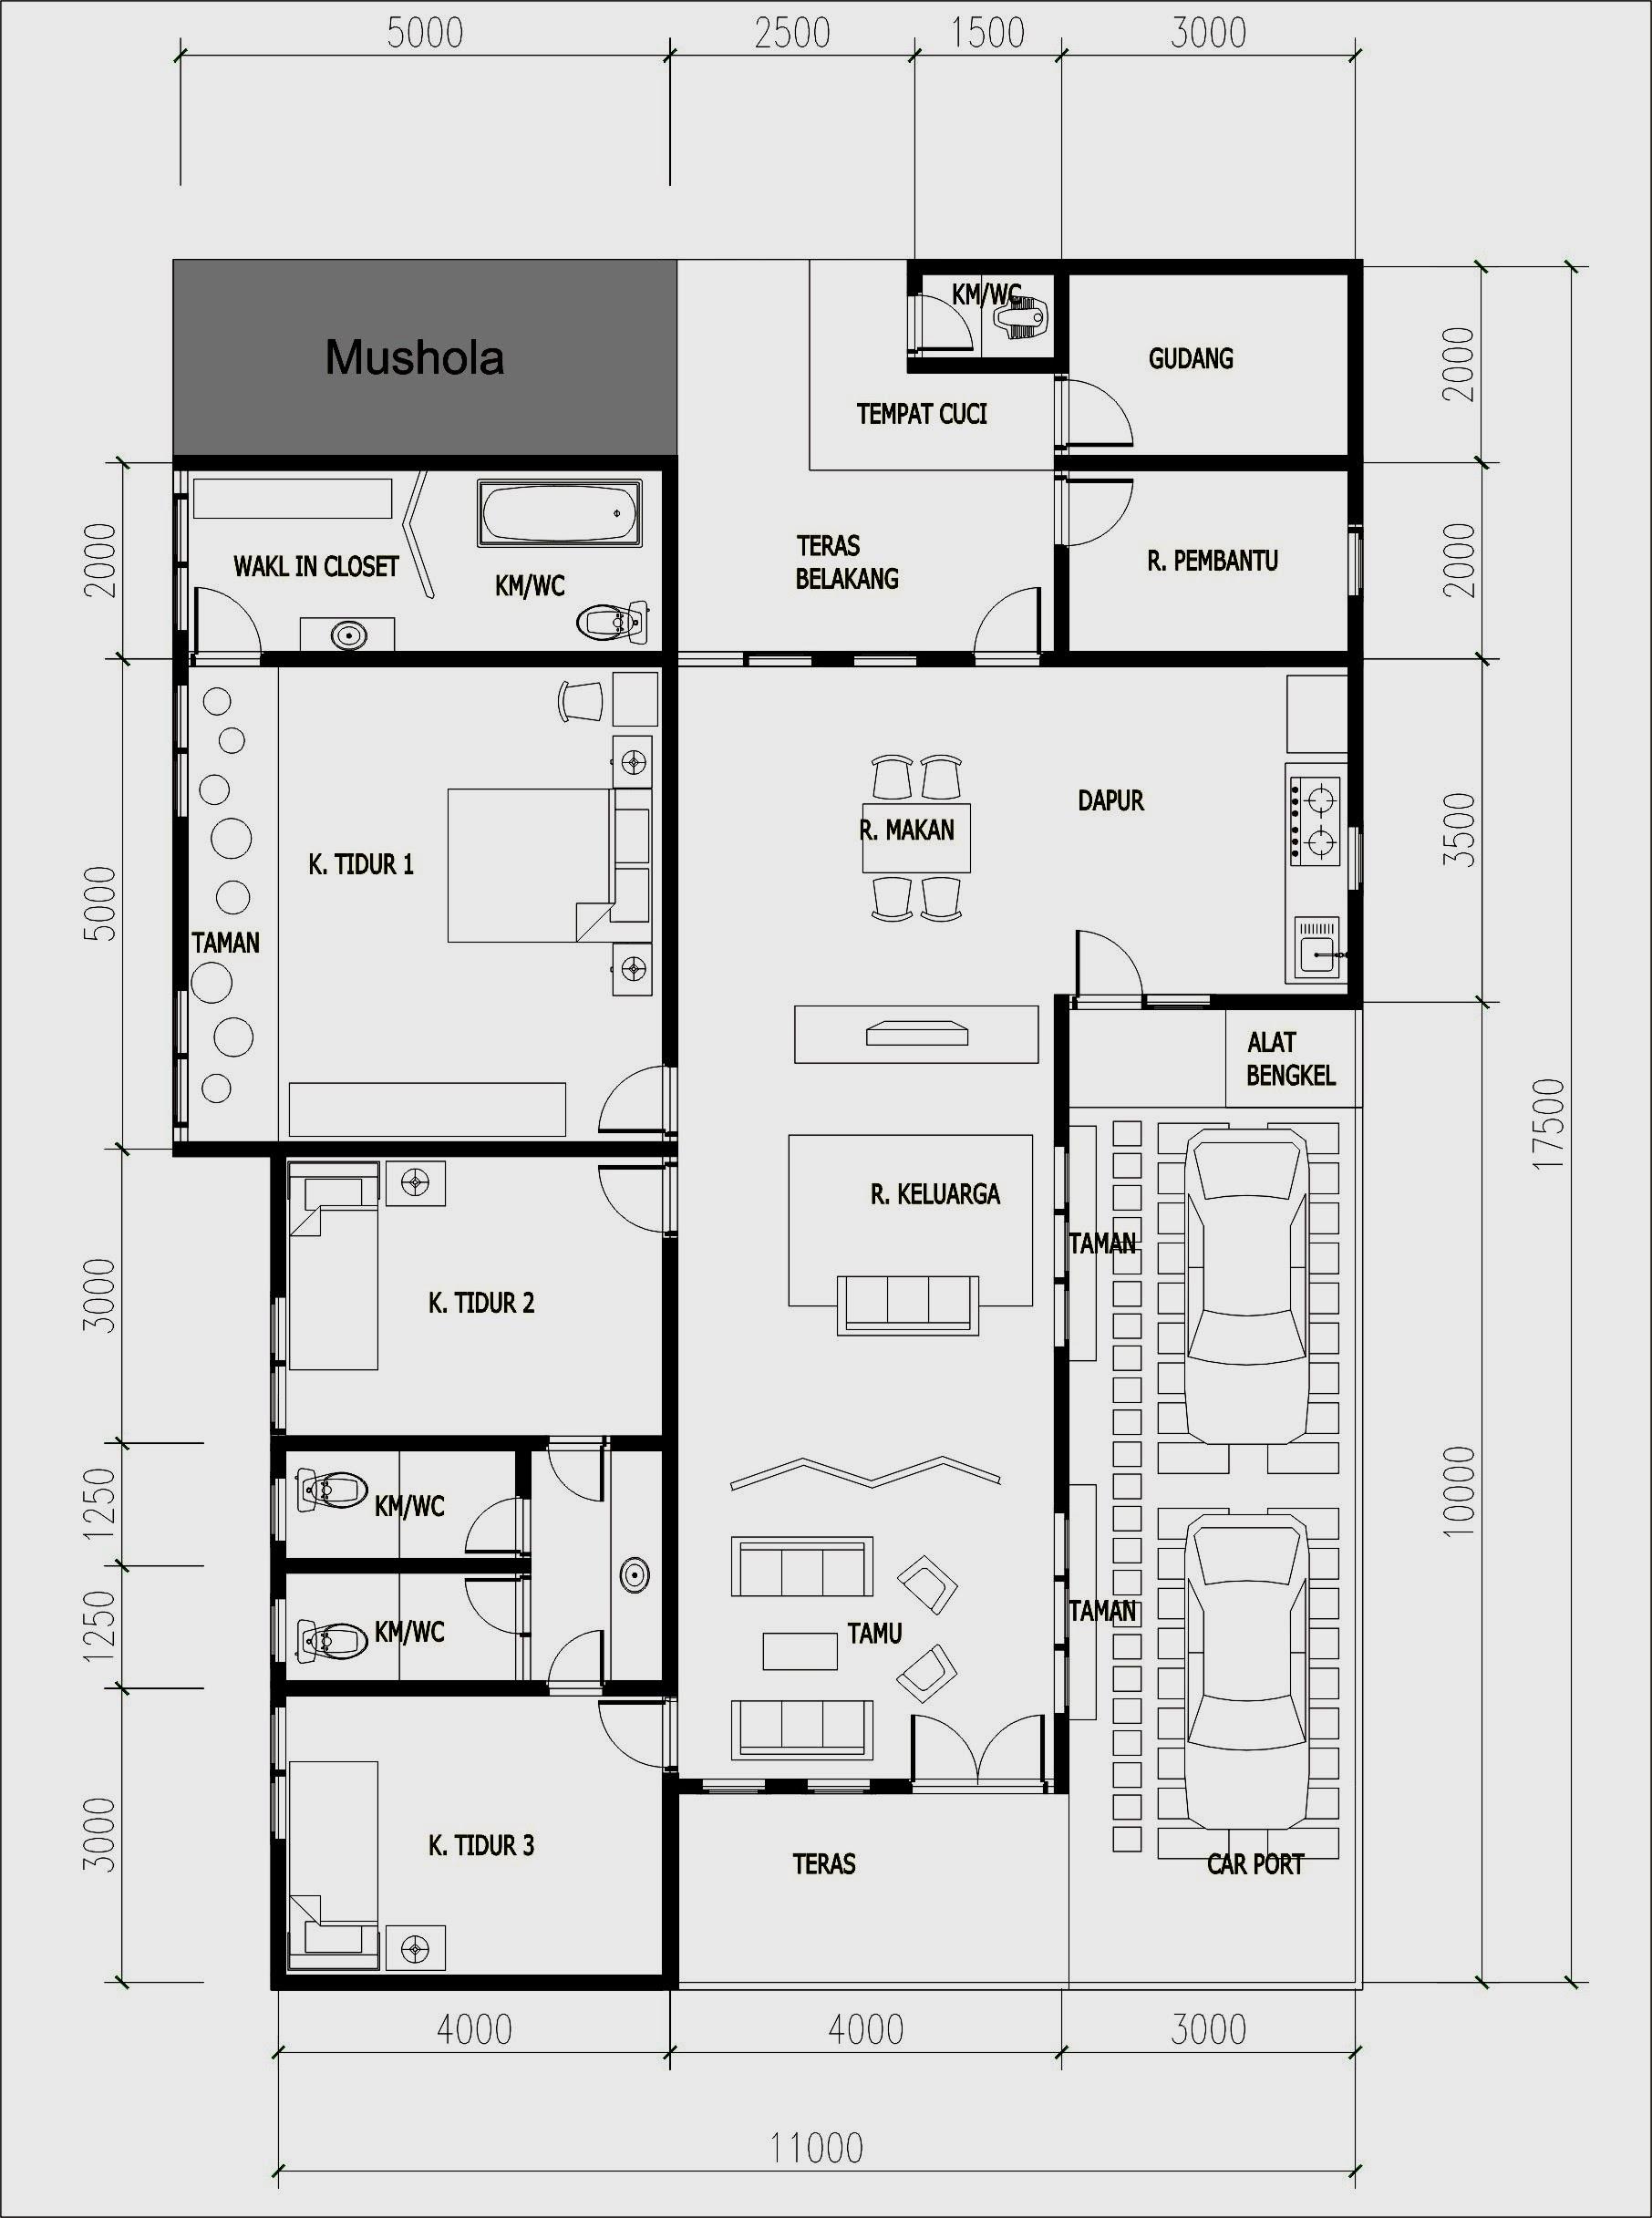 Desain Denah Rumah Sederhana